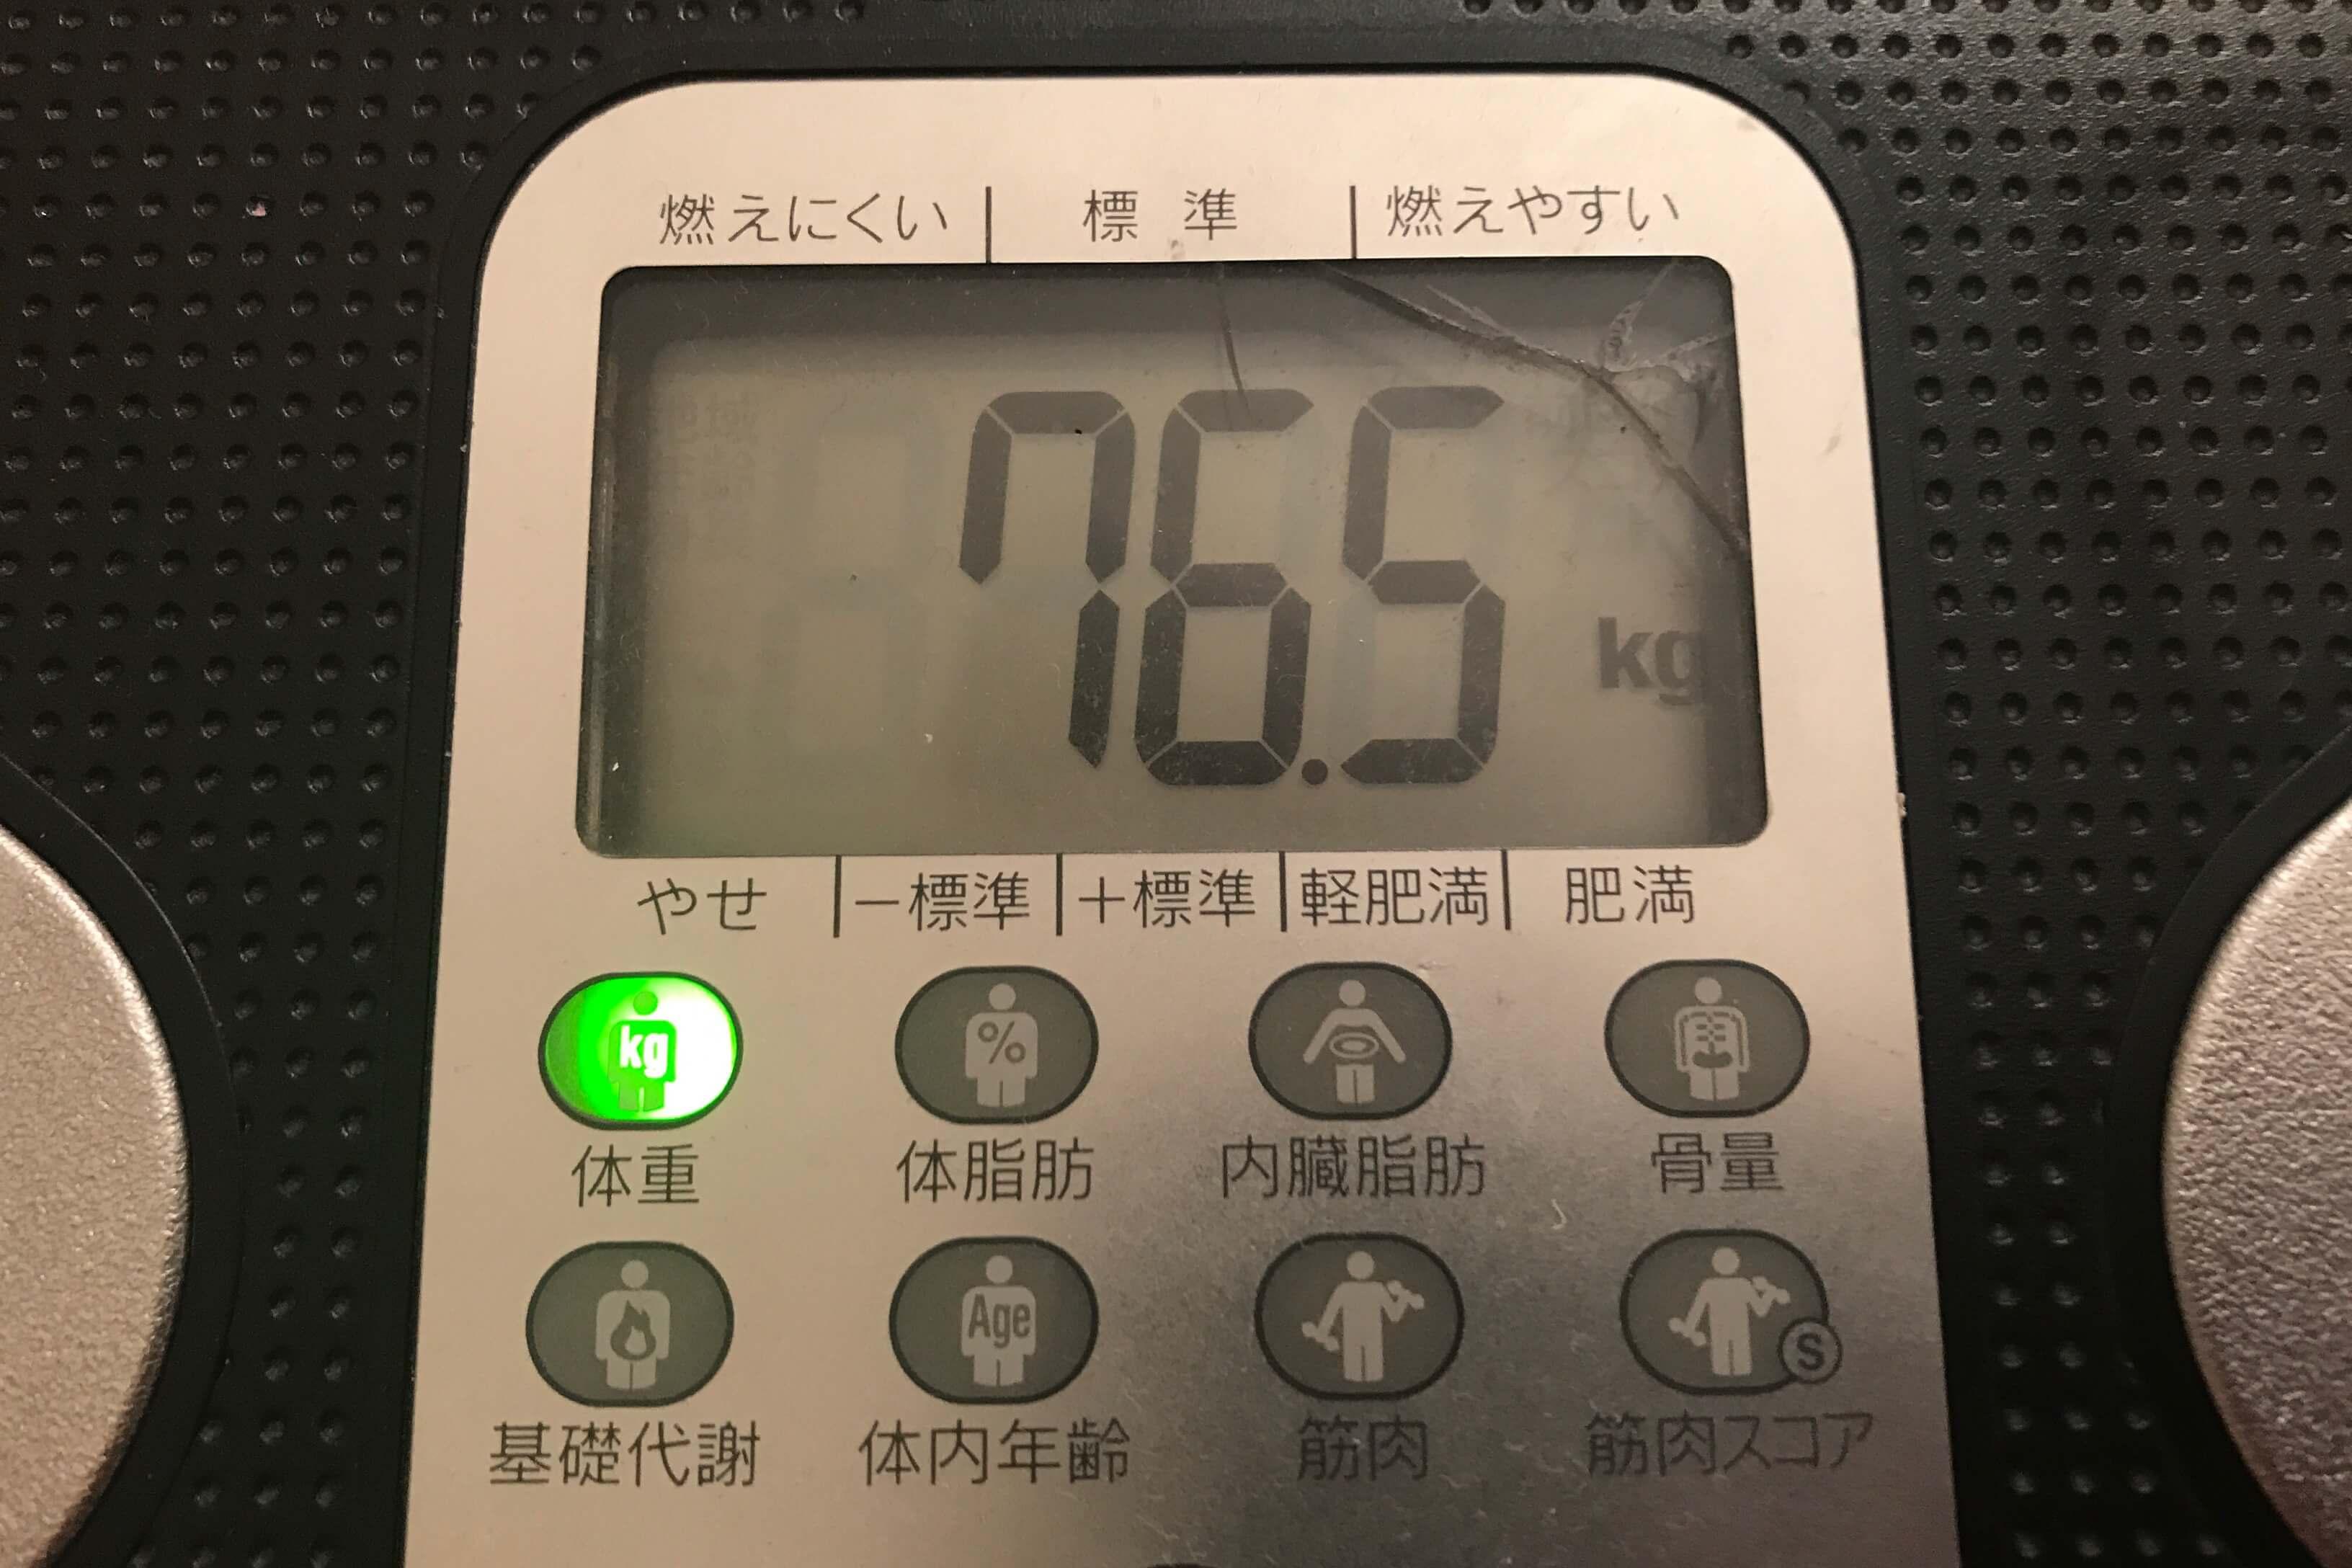 筋トレダイエット5日目の体重測定結果は76.5kg